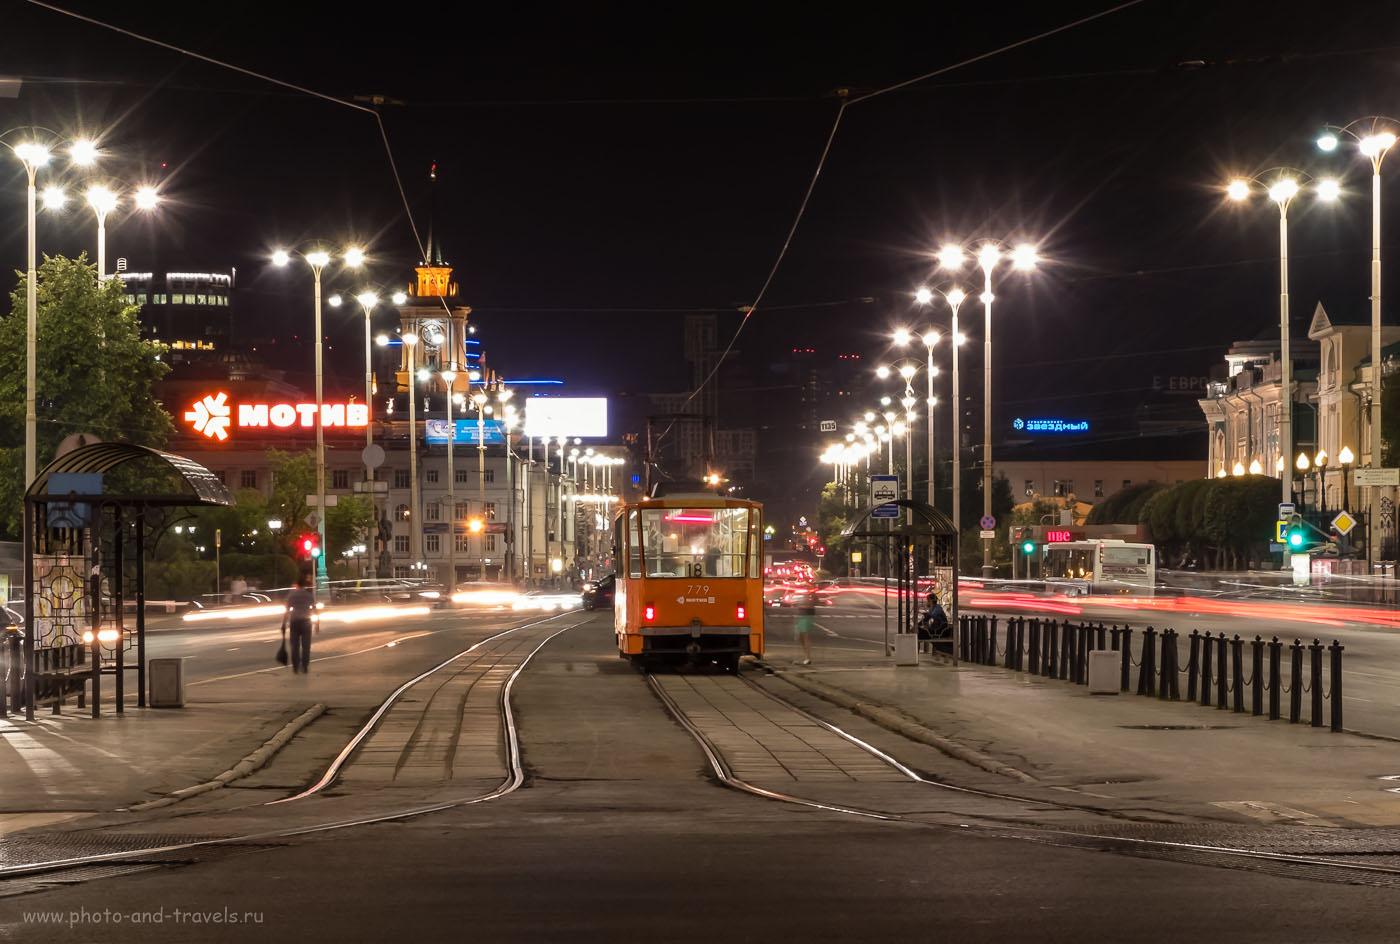 24. Фотографируем ночной городской пейзаж на Fujifilm X30. 2.1, 8.0, 200, 28.4